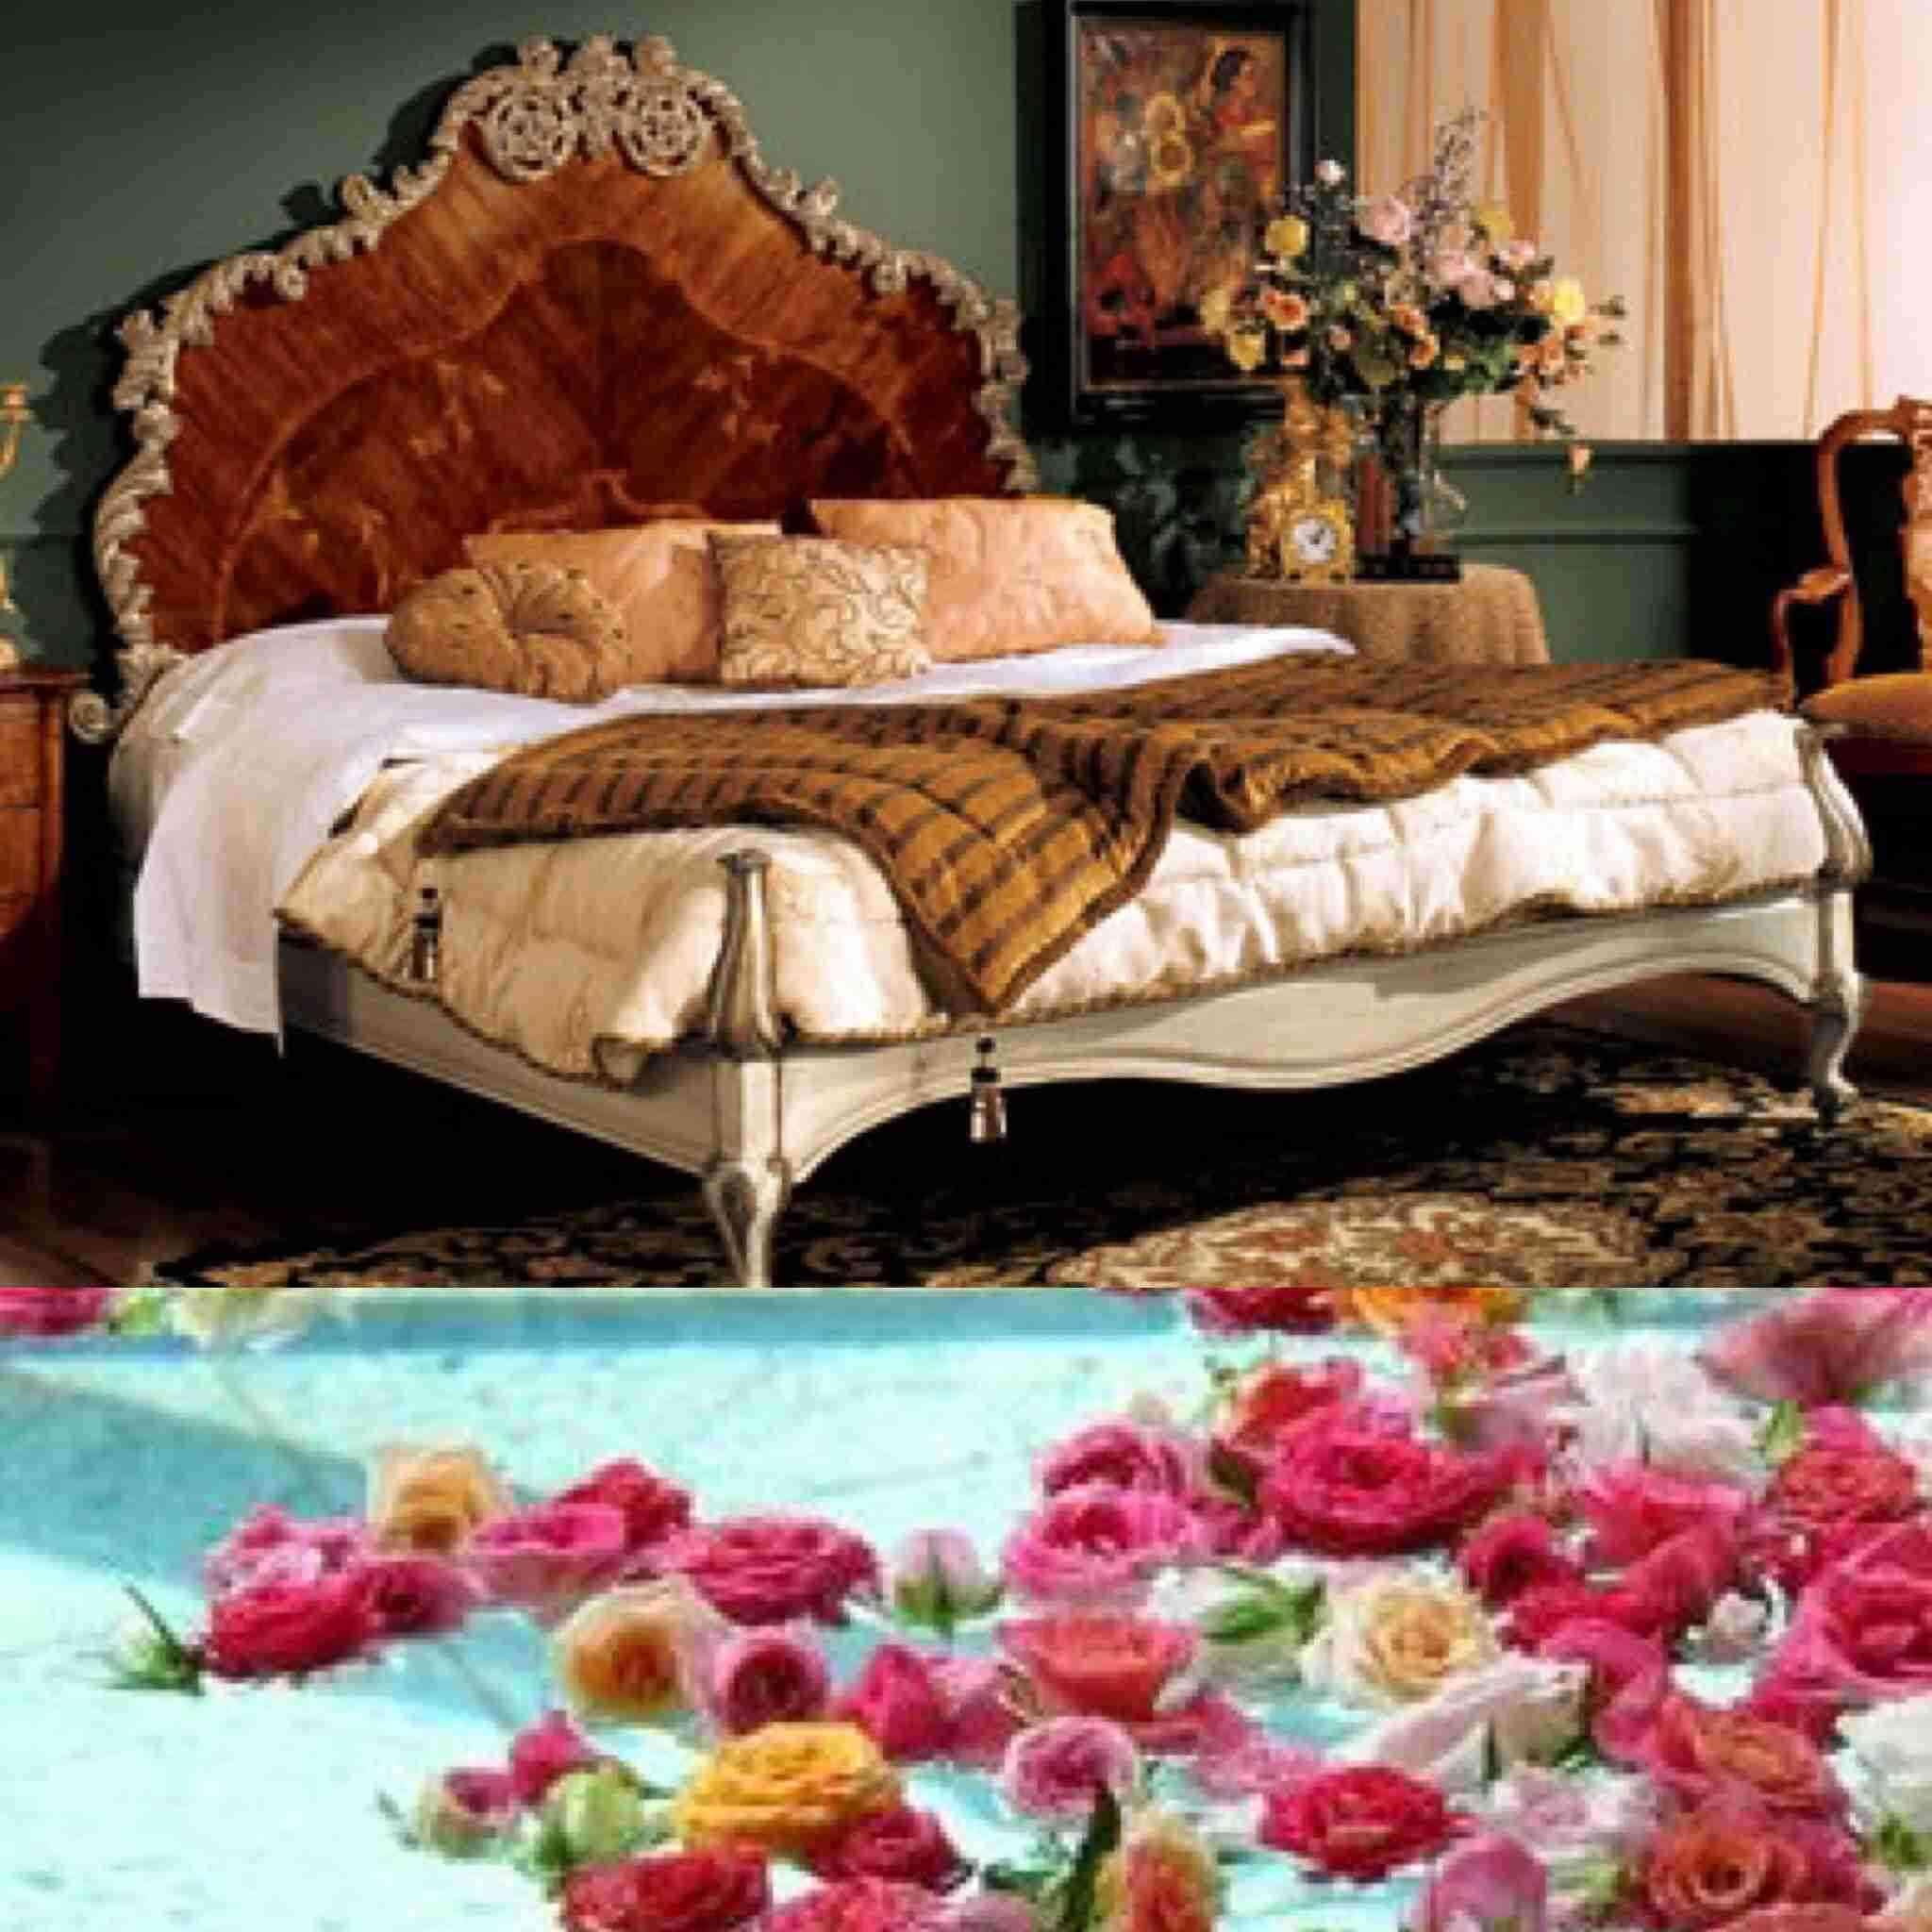 お風呂と睡眠、どっちを優先しますか?